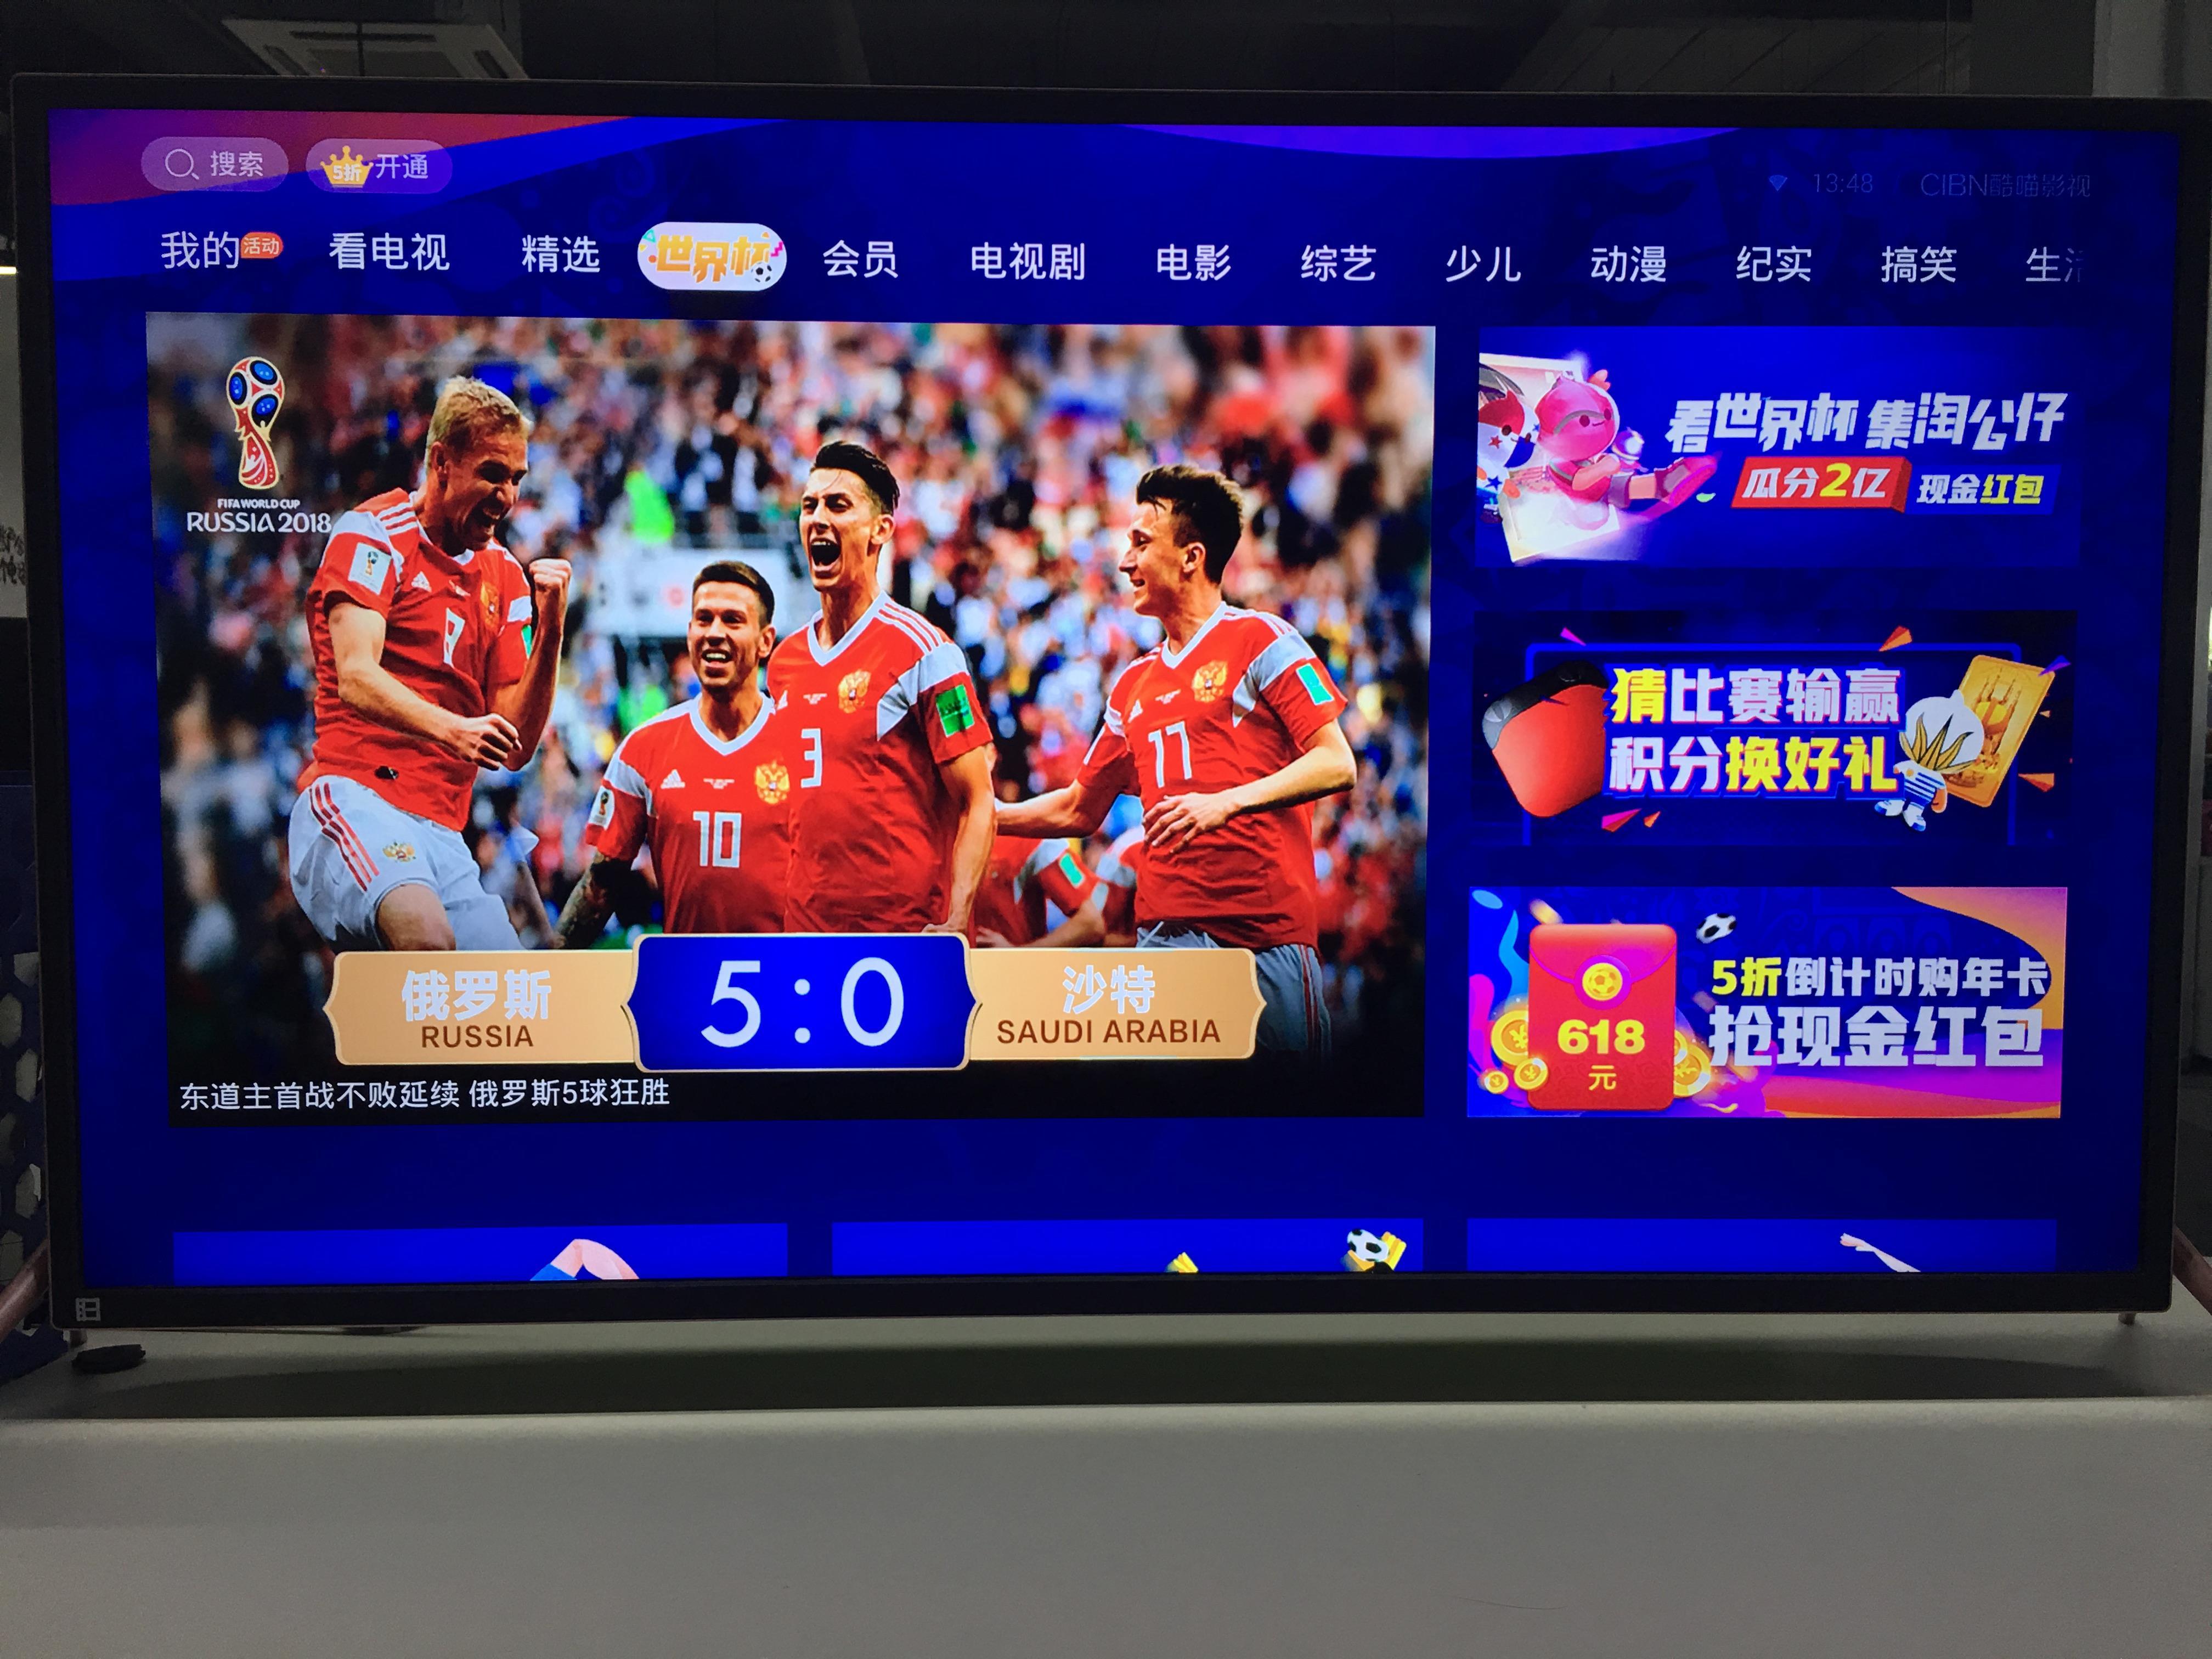 当贝市场看世界杯直播教程:直播软件没有cctv5直播源也能正常看直播